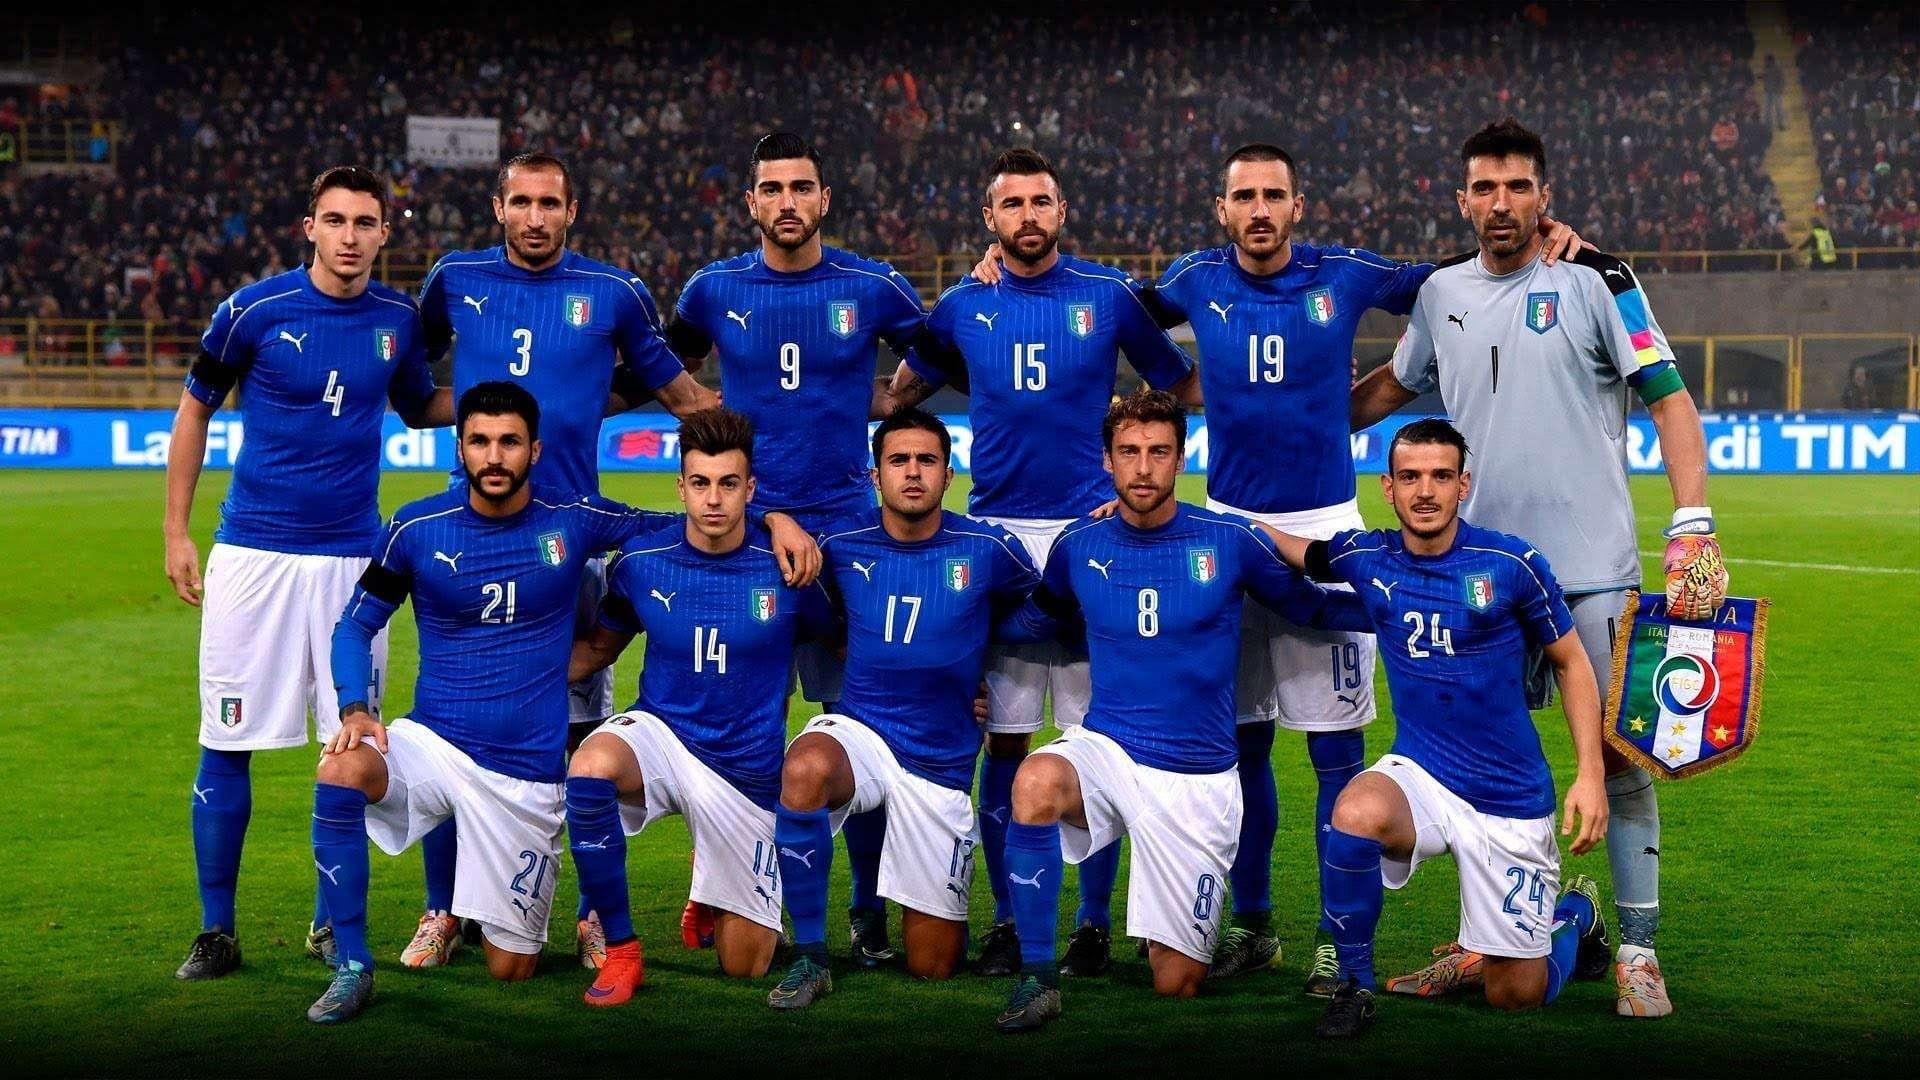 المنتخب الإيطالي يتلقى جرعة كورونا الثانية, صحيفة عربية في بوسطن-أمريكا-بروفايل نيوز